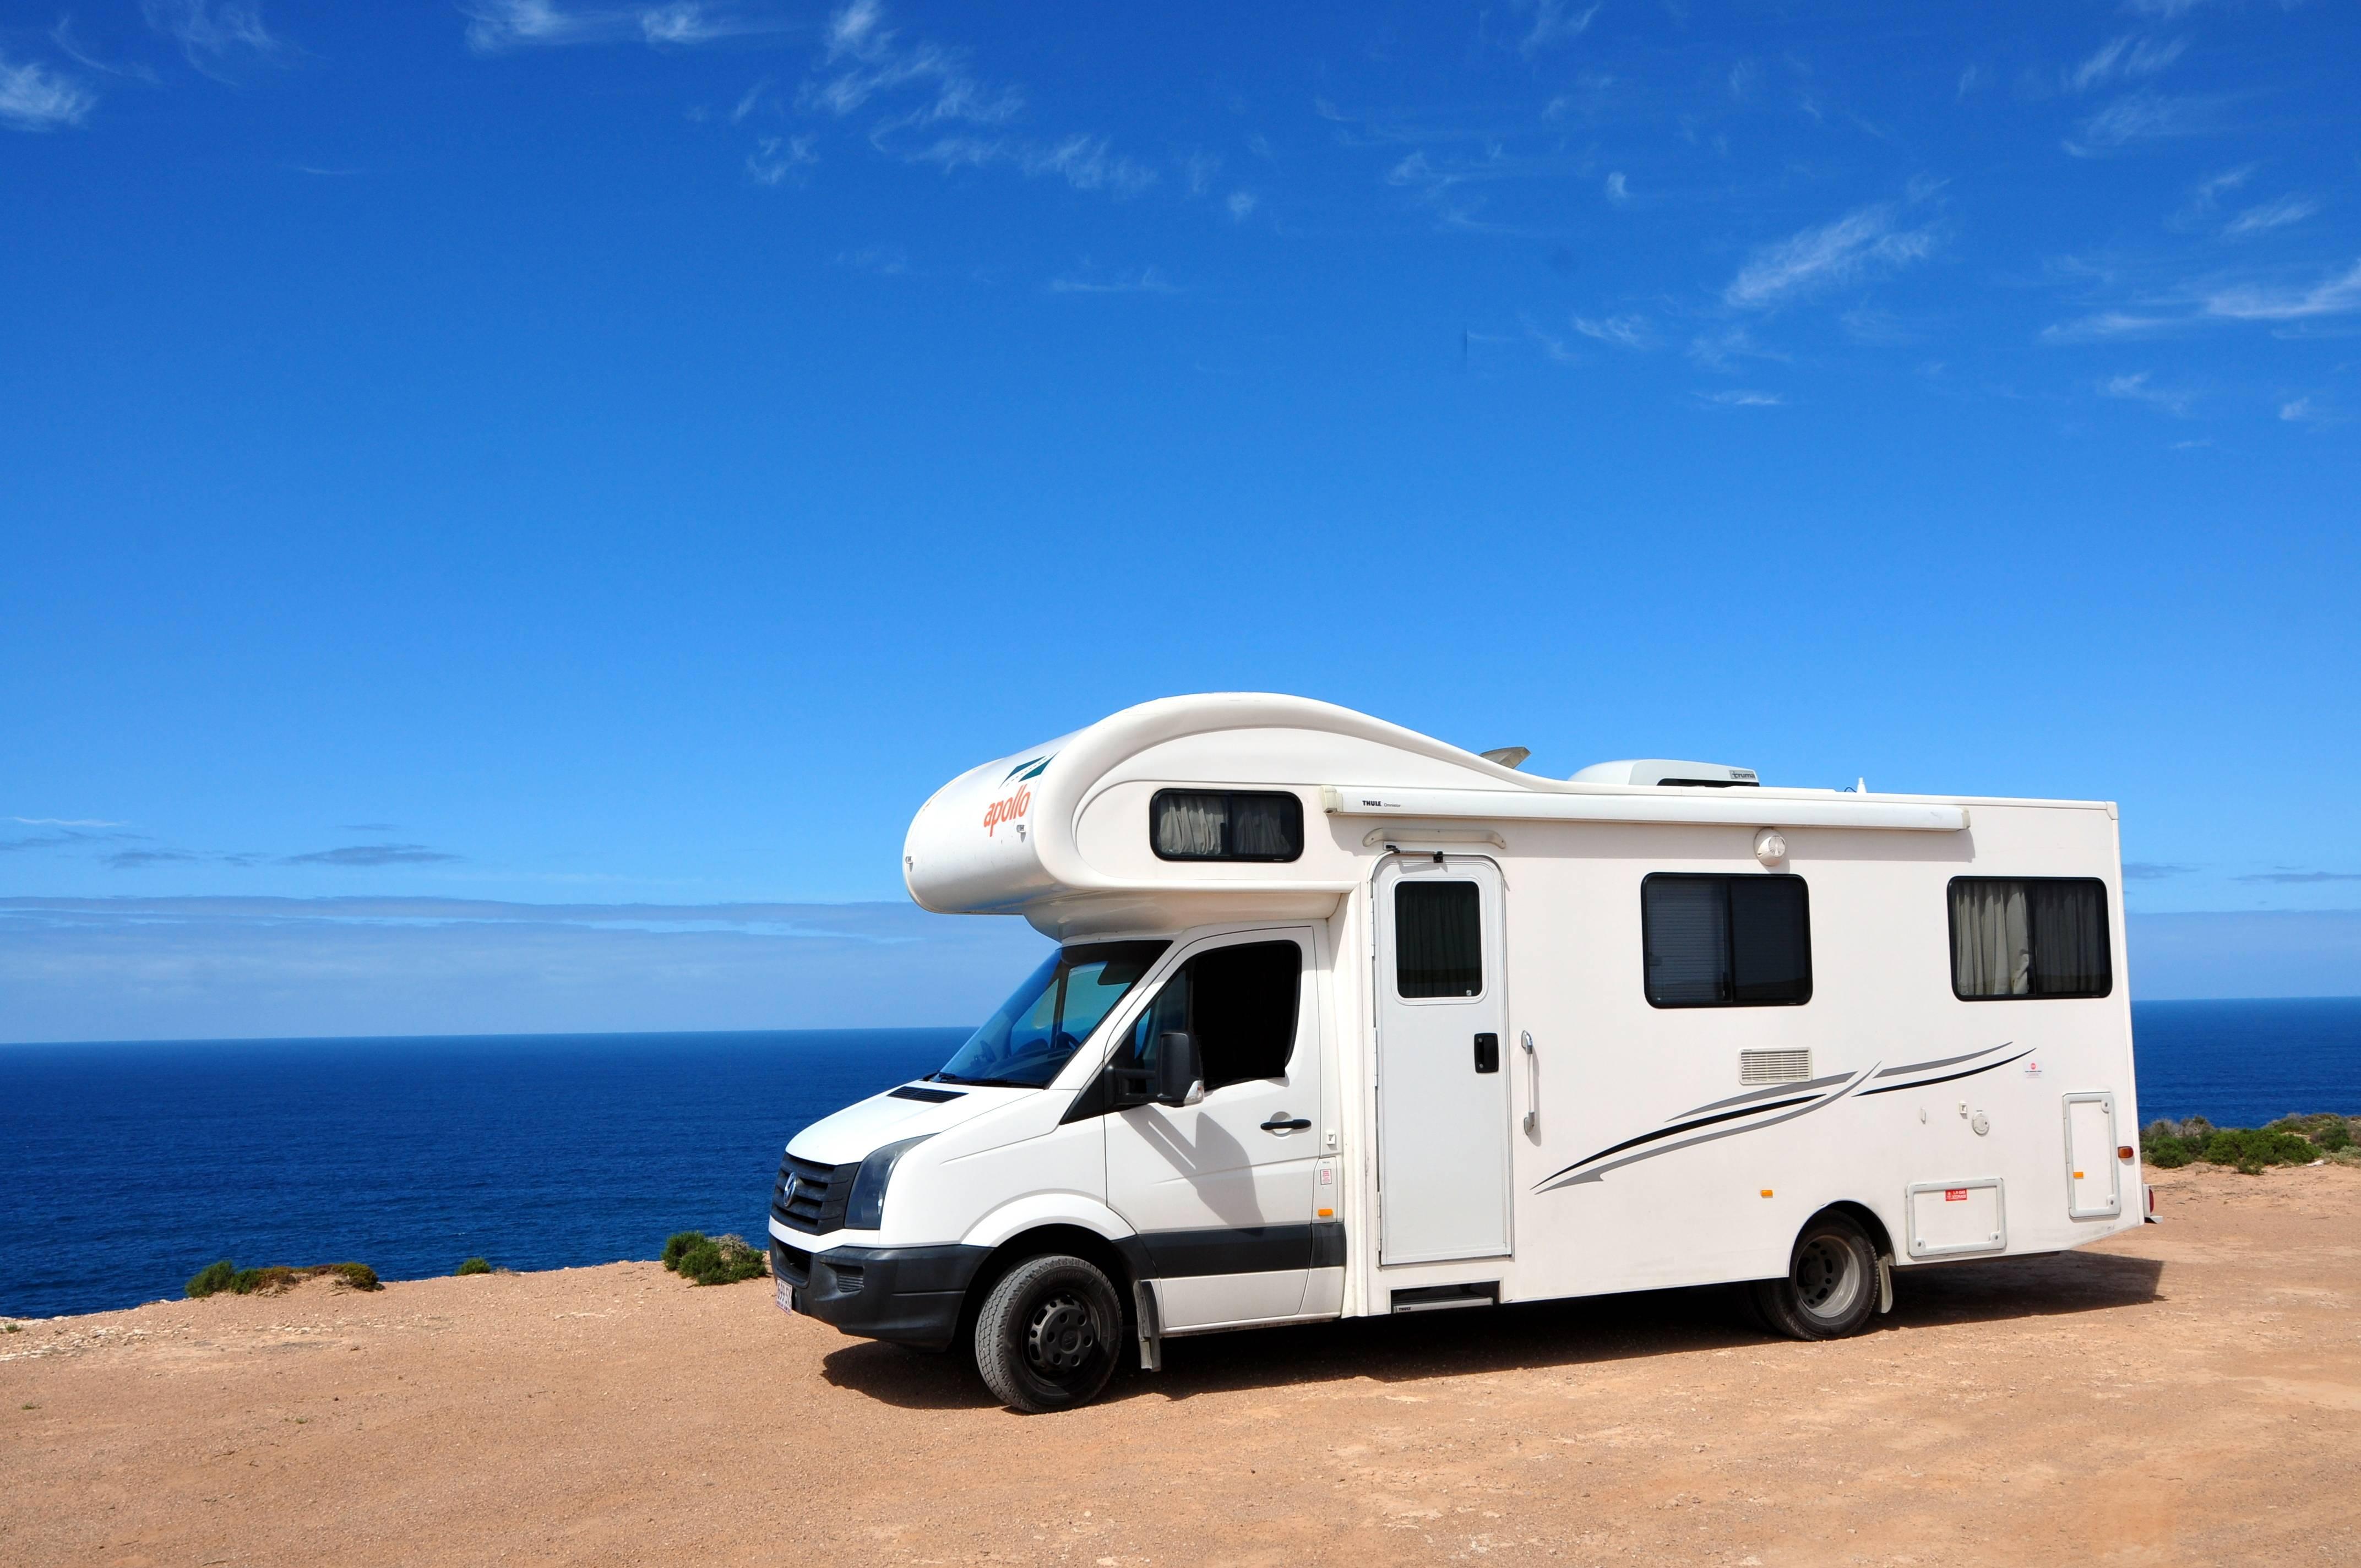 Film Decoratif Camping Car Renover Camping Car La Roche Sur Yon Niort La Rochelle Cholet Nantes Adhezif Fr